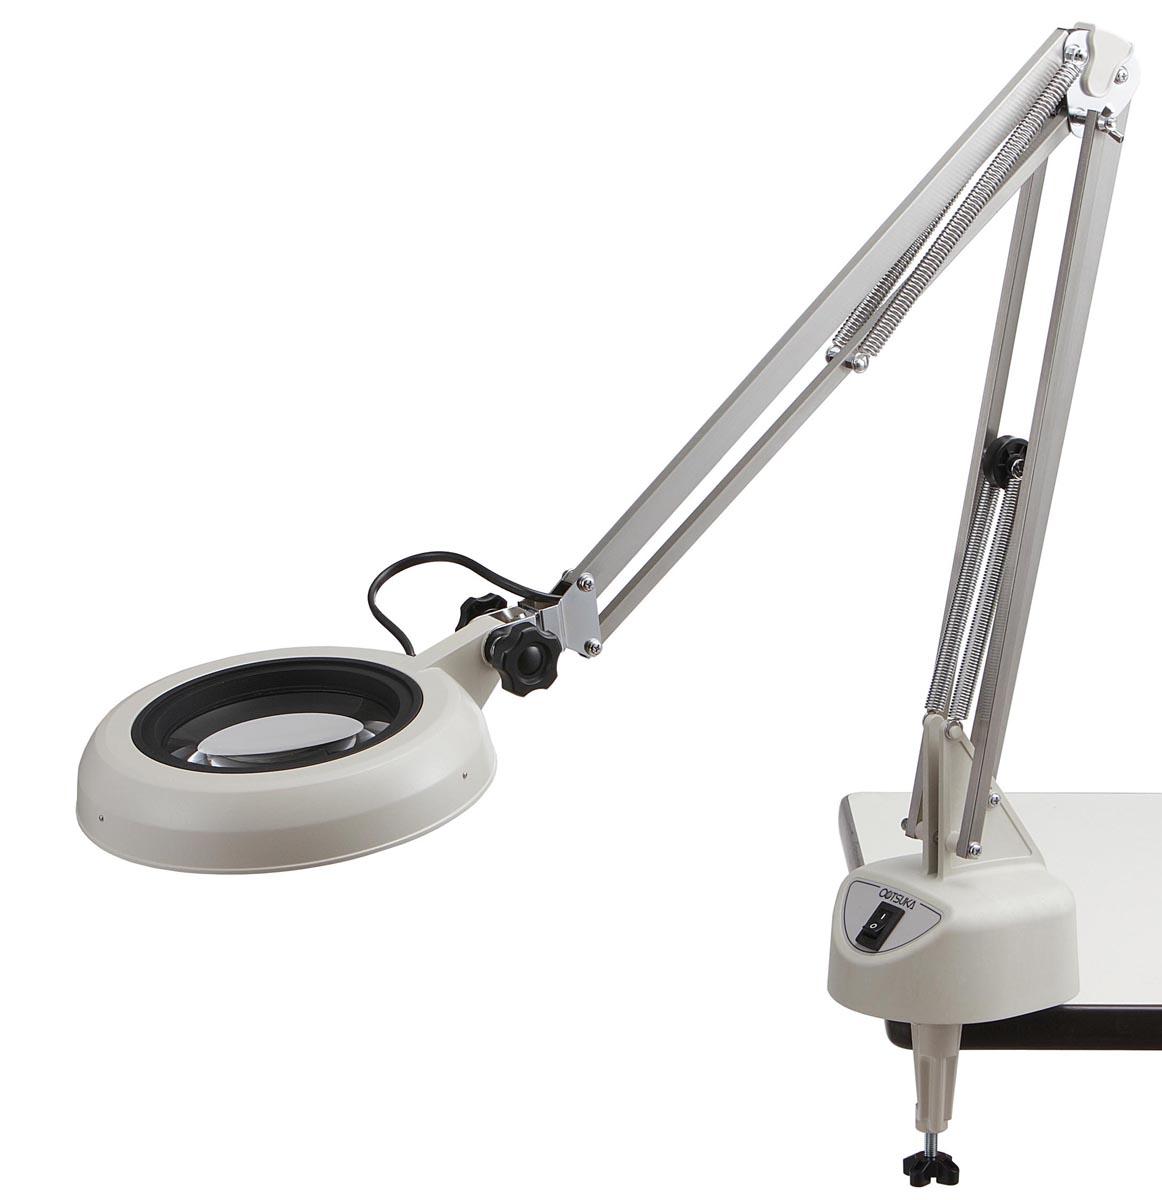 オーツカ光学 LED照明拡大鏡 ENVL-8F